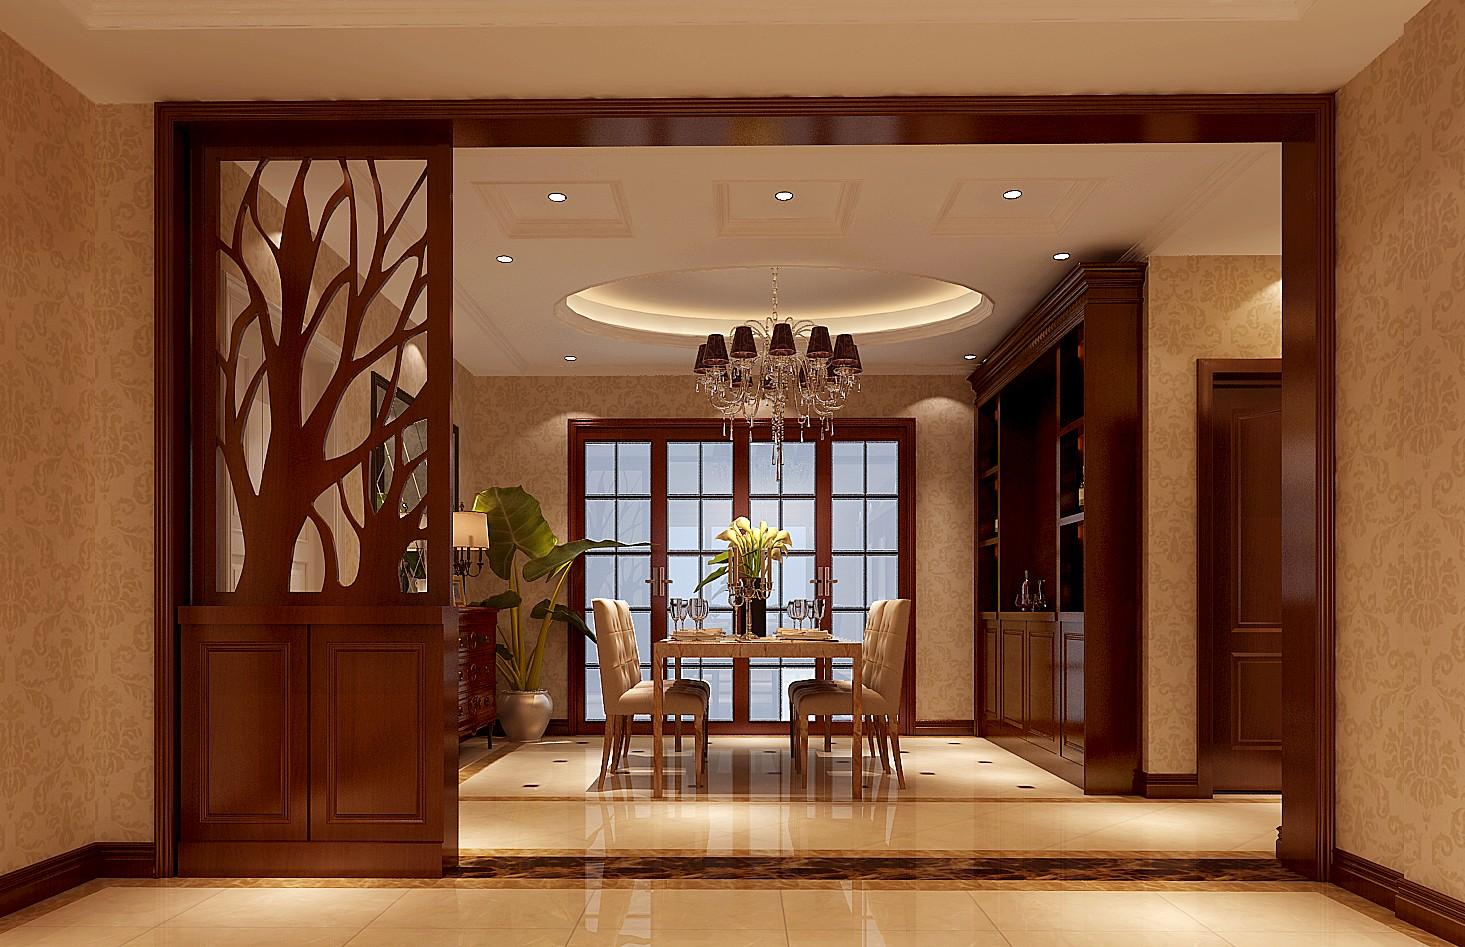 现代 简约 欧式 二居 三居 客厅 卧室 厨房 餐厅图片来自高度国际装饰阿一在纳帕澜郡130㎡现代简欧案例的分享